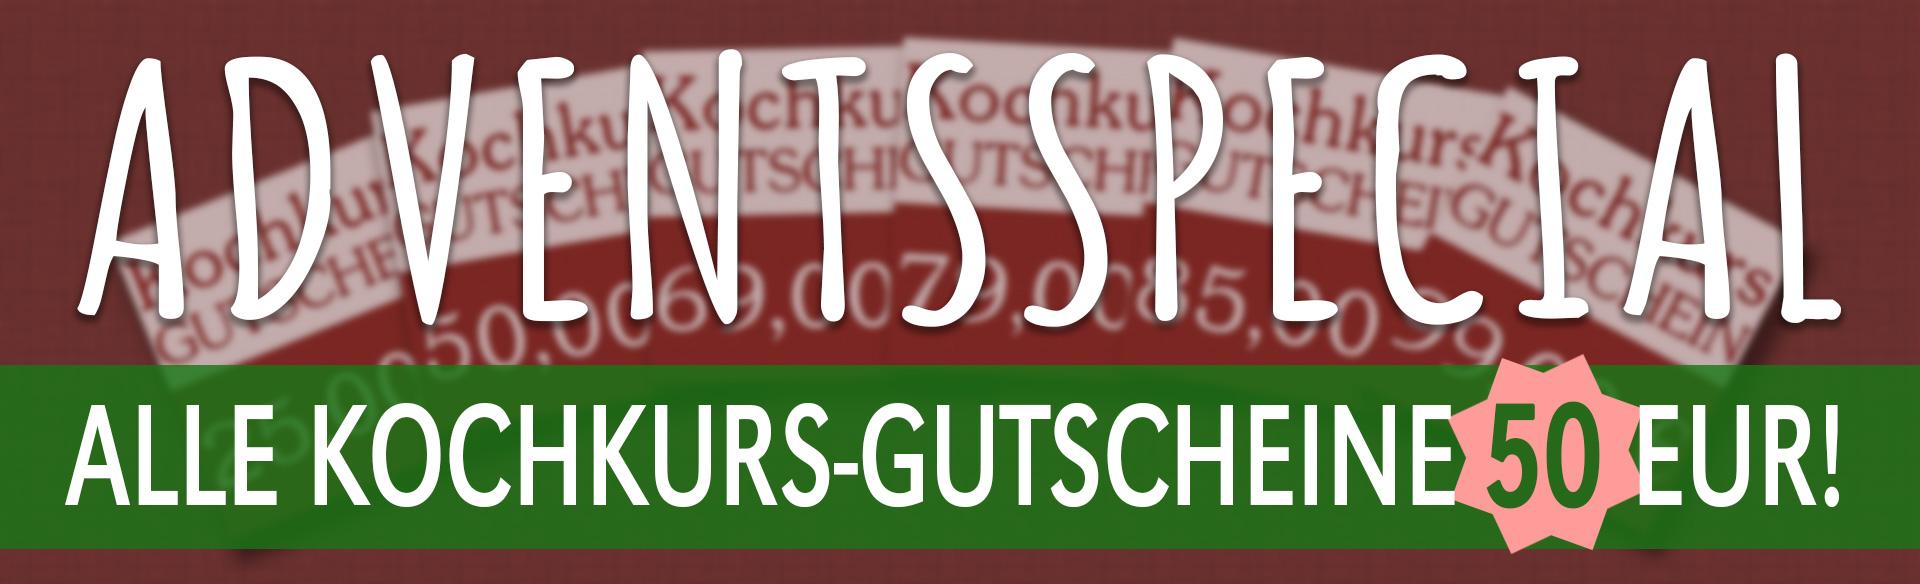 Hier klicken: ADVENTSSPECIAL Gutschein-Aktion 50,00 EUR auf alle Kochkurse